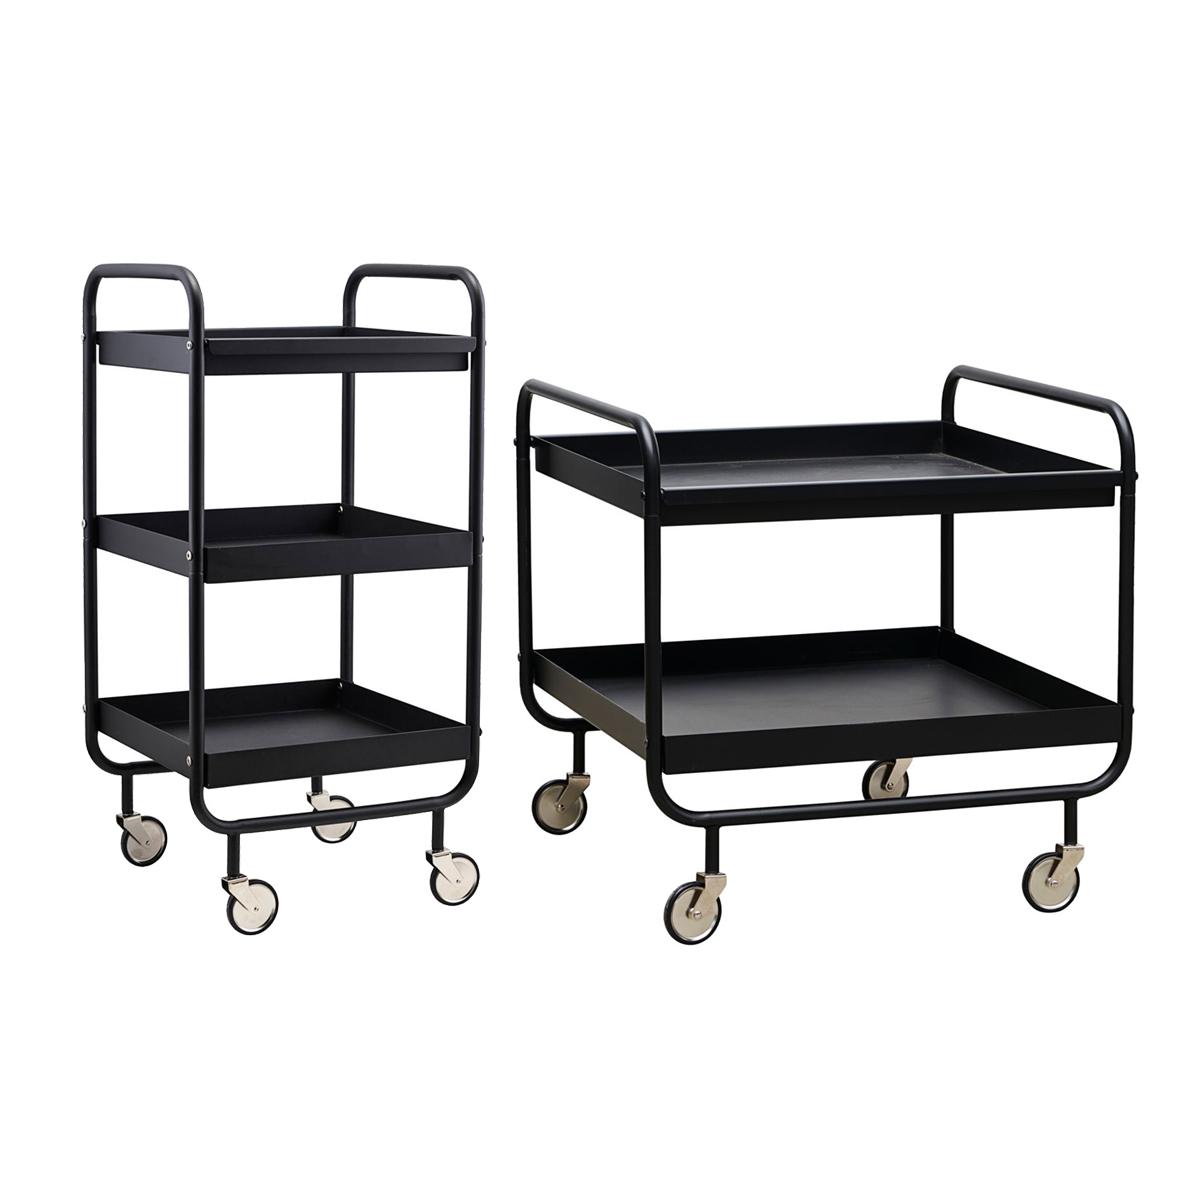 Rullvagn eller serveringsbord som du också kan använda som